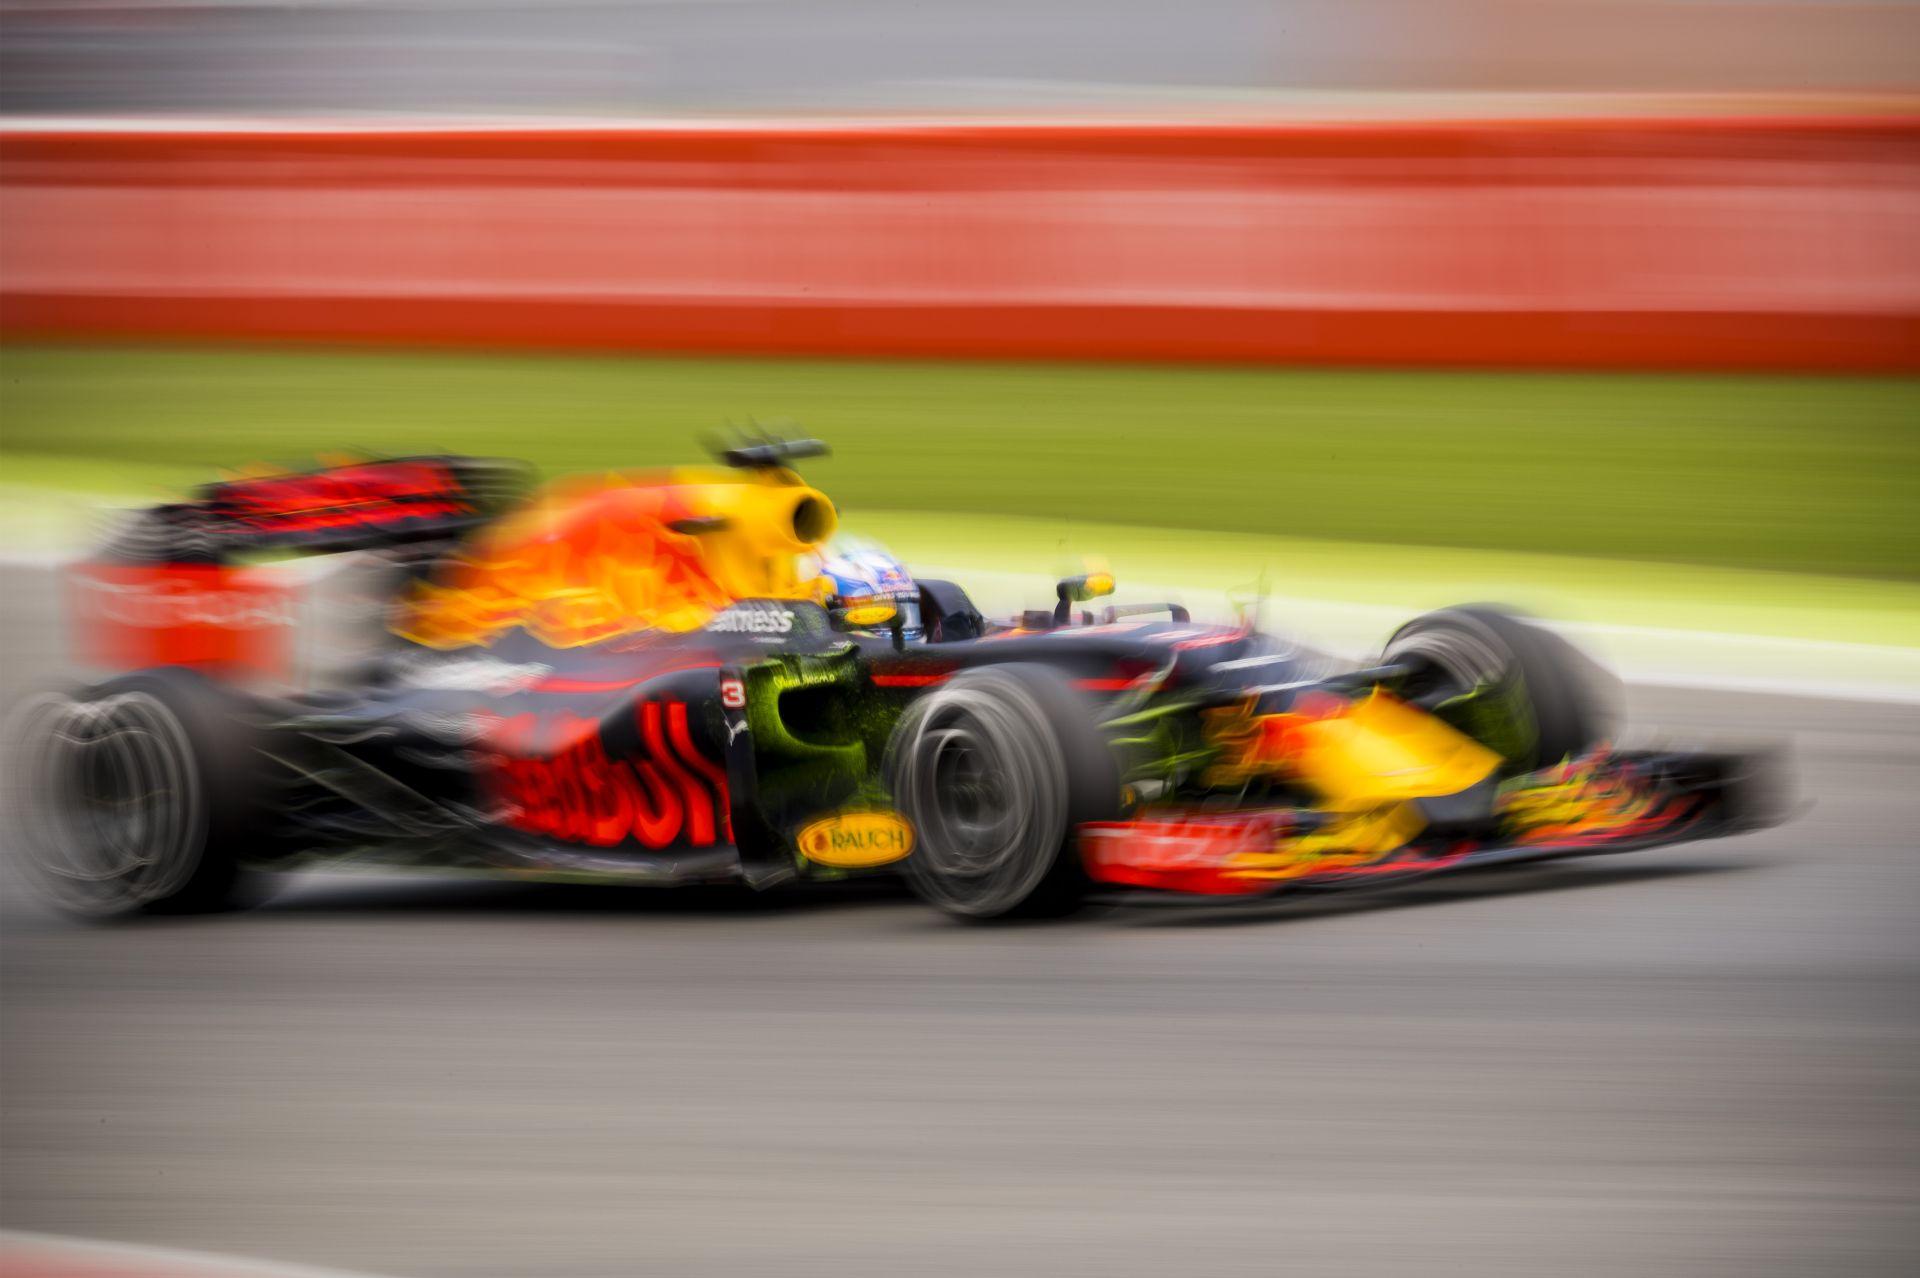 Ricciardo kameranézetéből a Mercedes drámája: vajon mit gondolhatott az ausztrál?